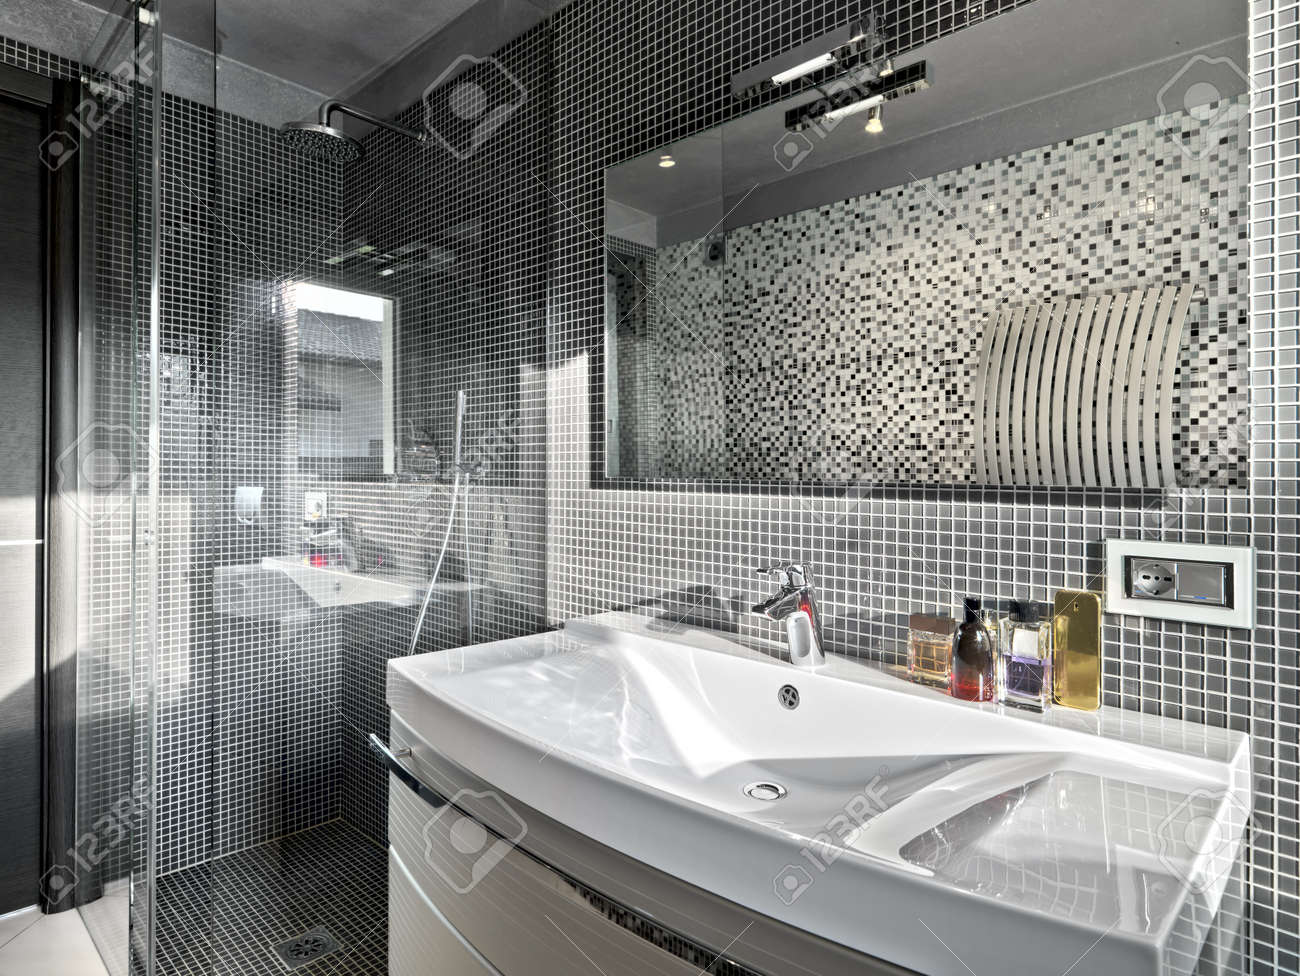 Banque Du0027images   Détail De Lavabo Dans Une Salle De Bain Moderne Avec  Cabine De Douche En Verre